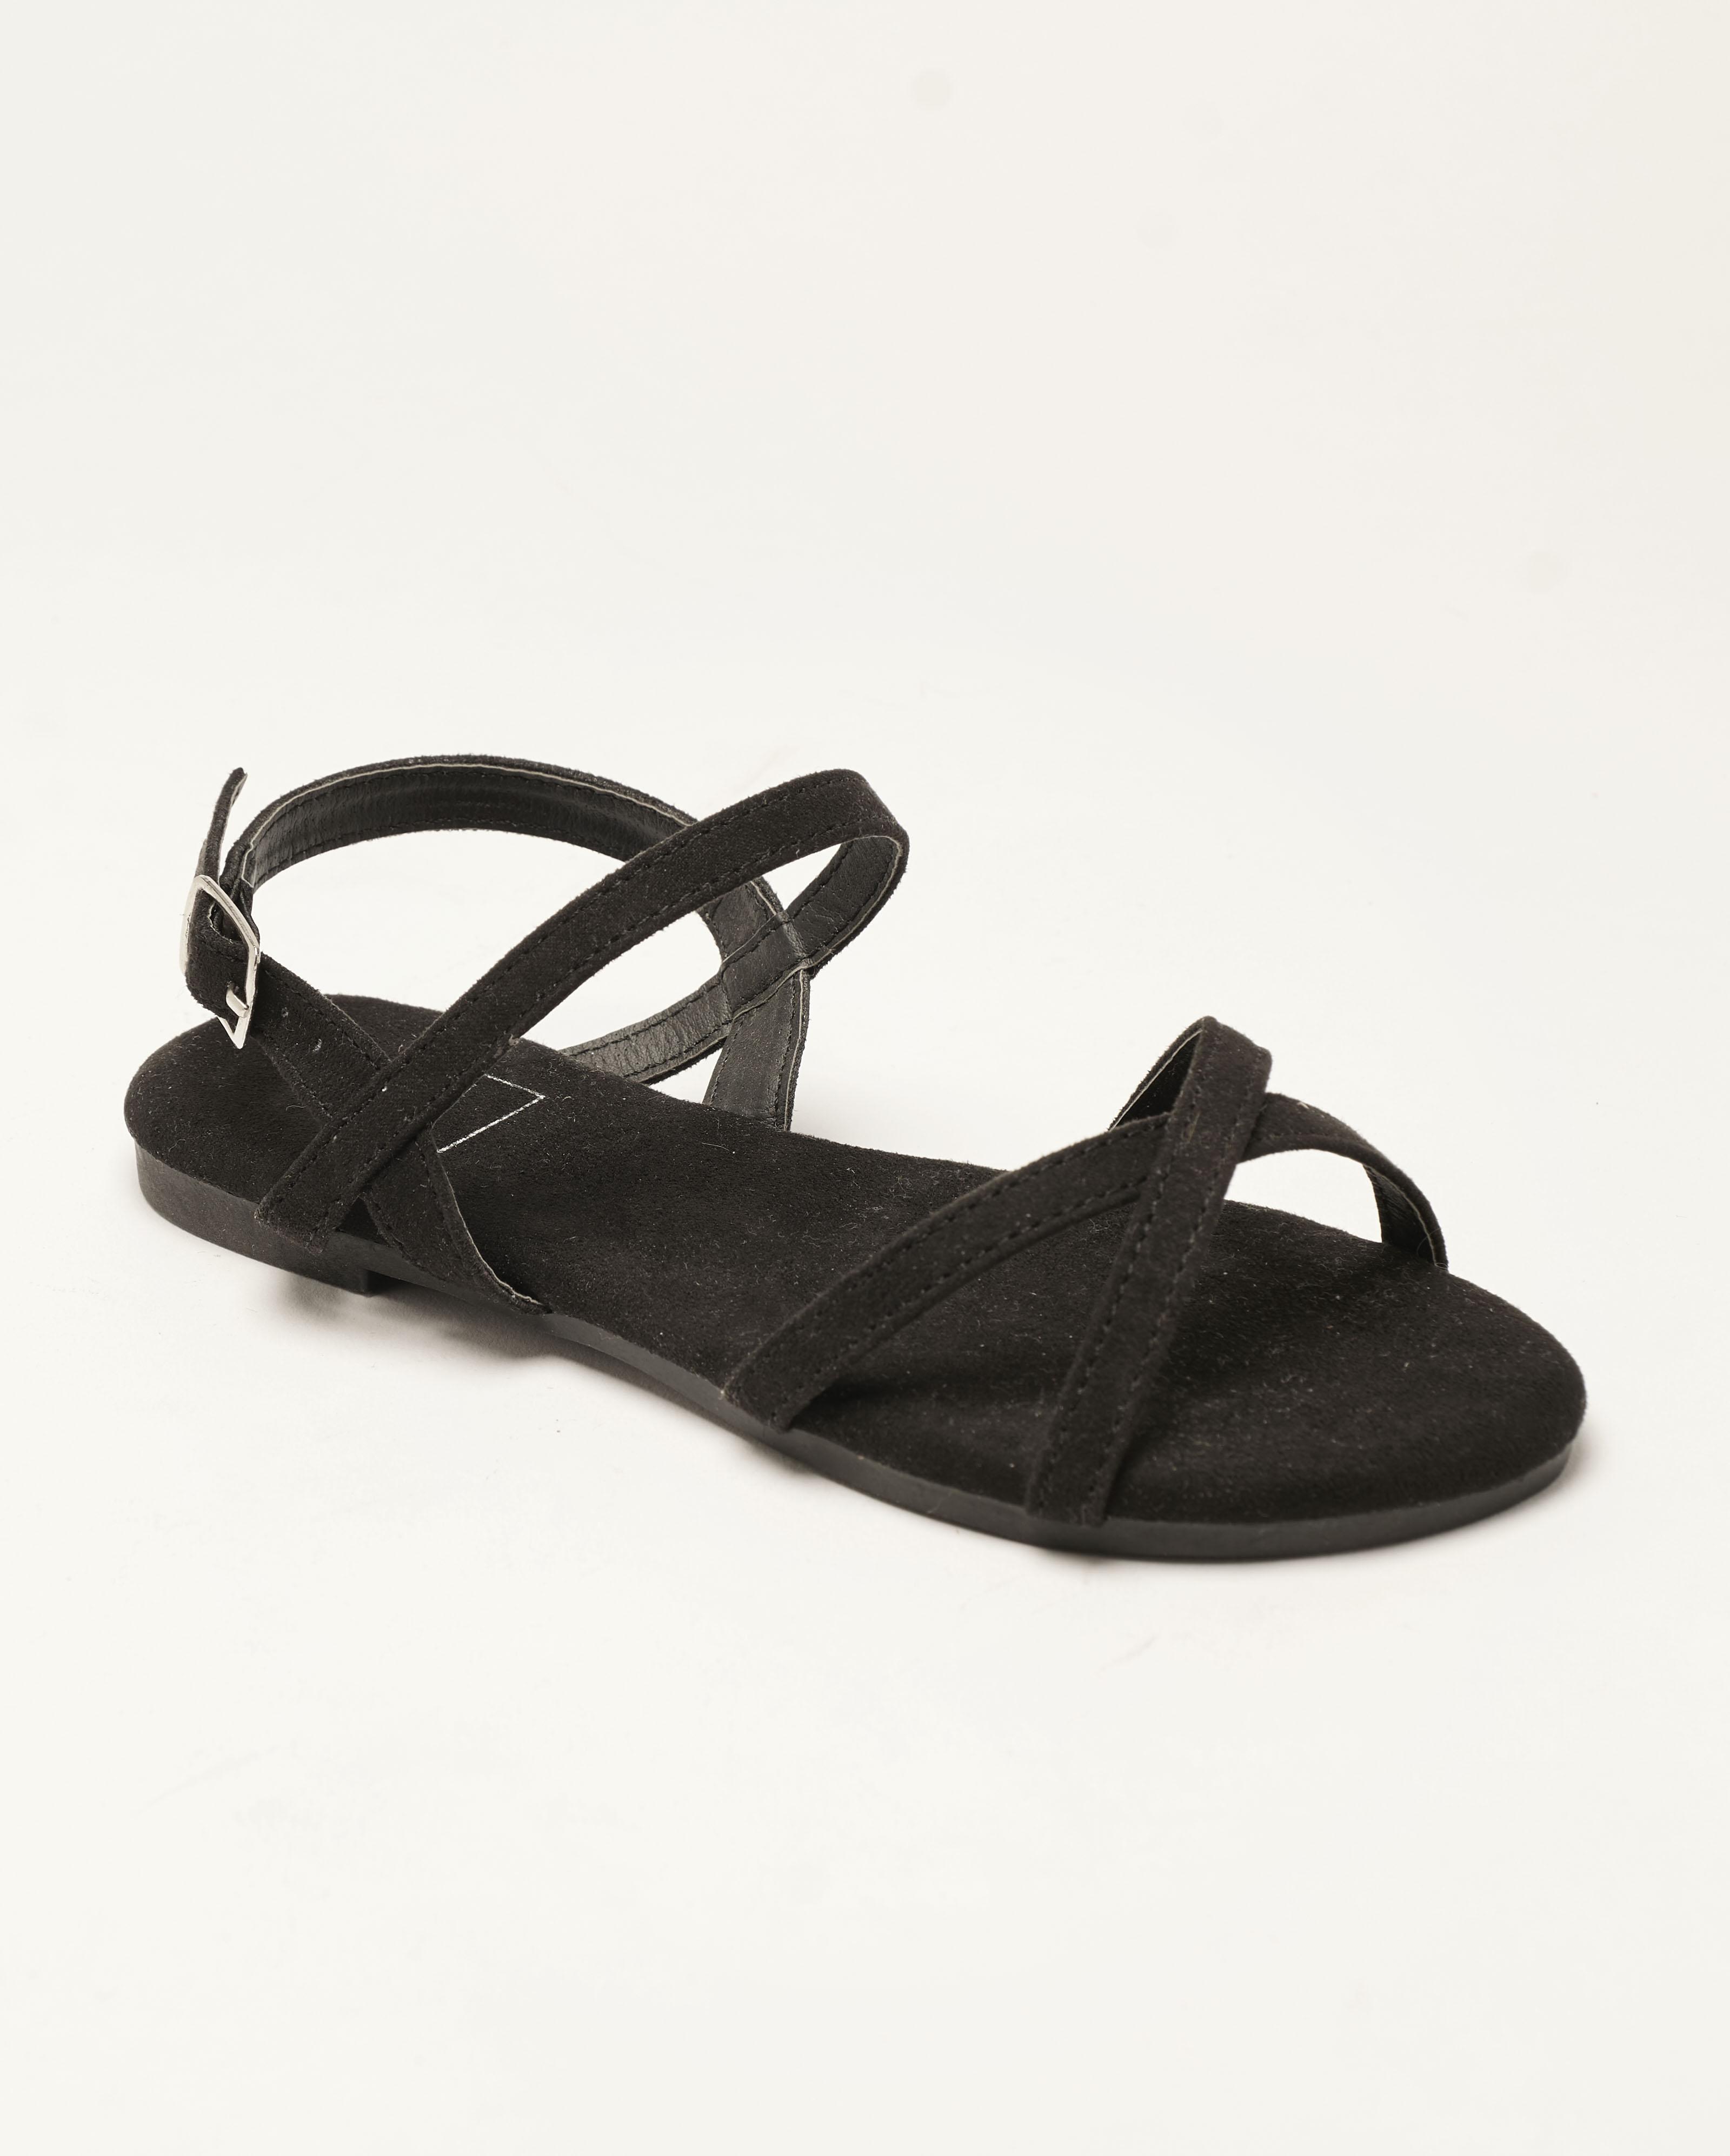 Sandales Plates Femme - Sandale Plate Noir Jina - Sapl Zh3